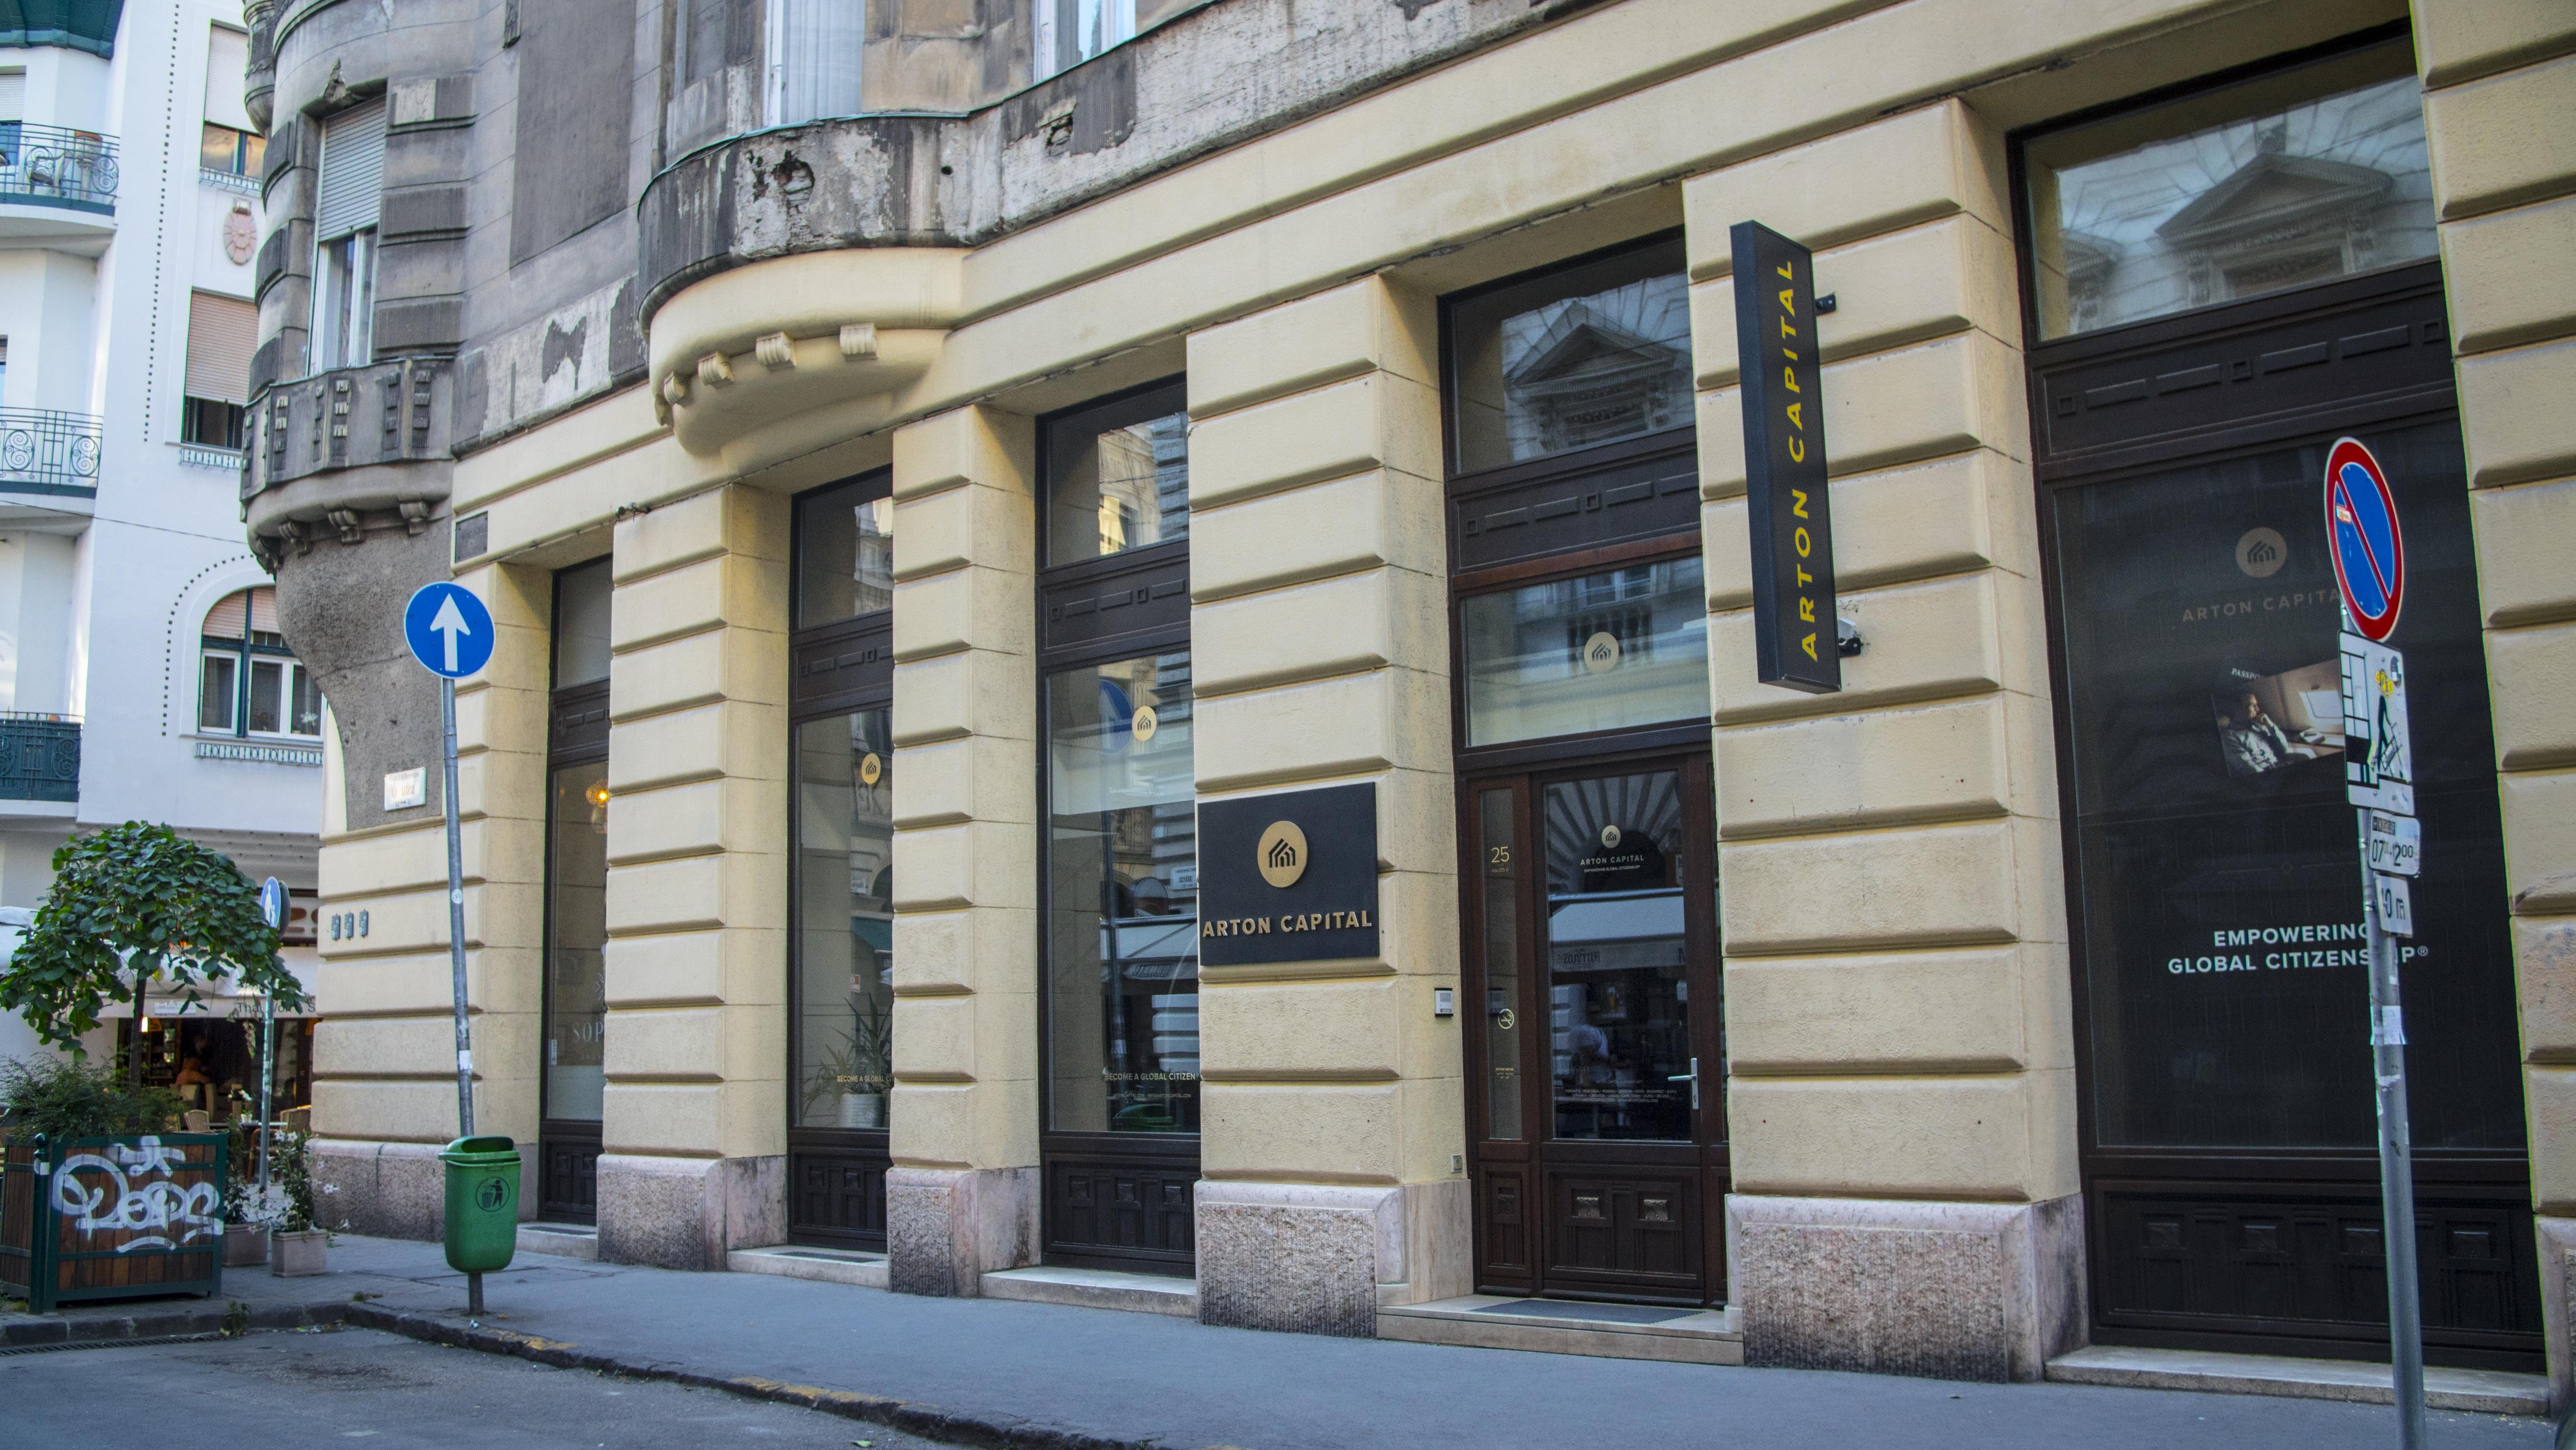 Még mindig tart az évszázad nyomozása a letelepedési kötvényes cég irodájában történt betörés ügyében